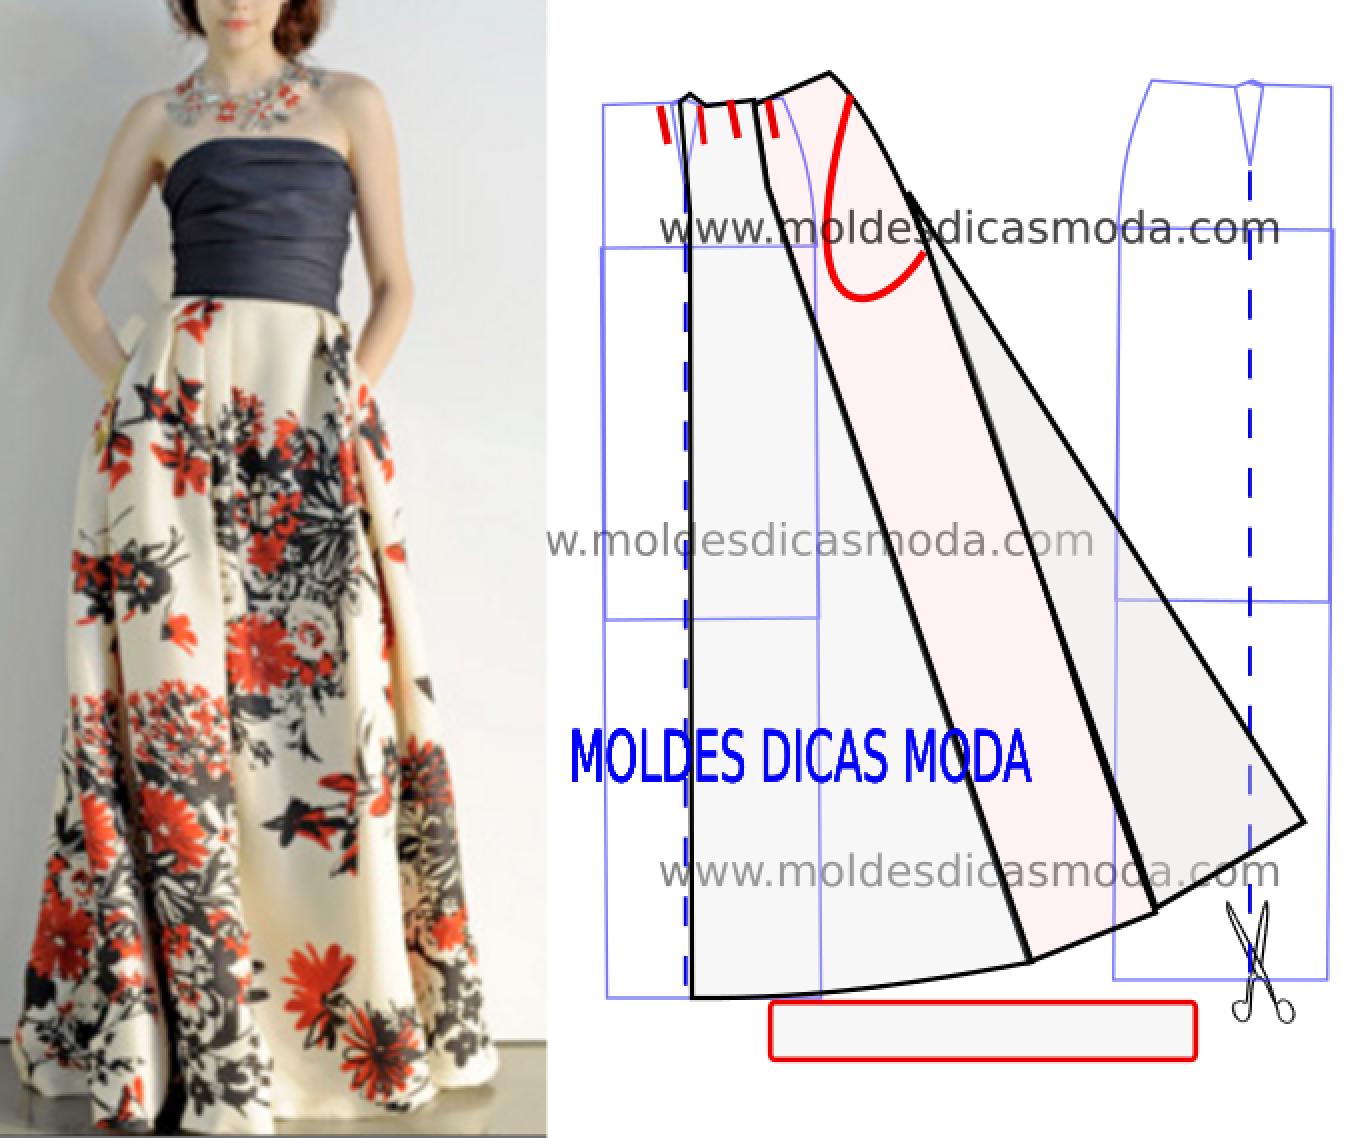 660e05f11d4 Resultado de imagen para moldes dicas moda faldas